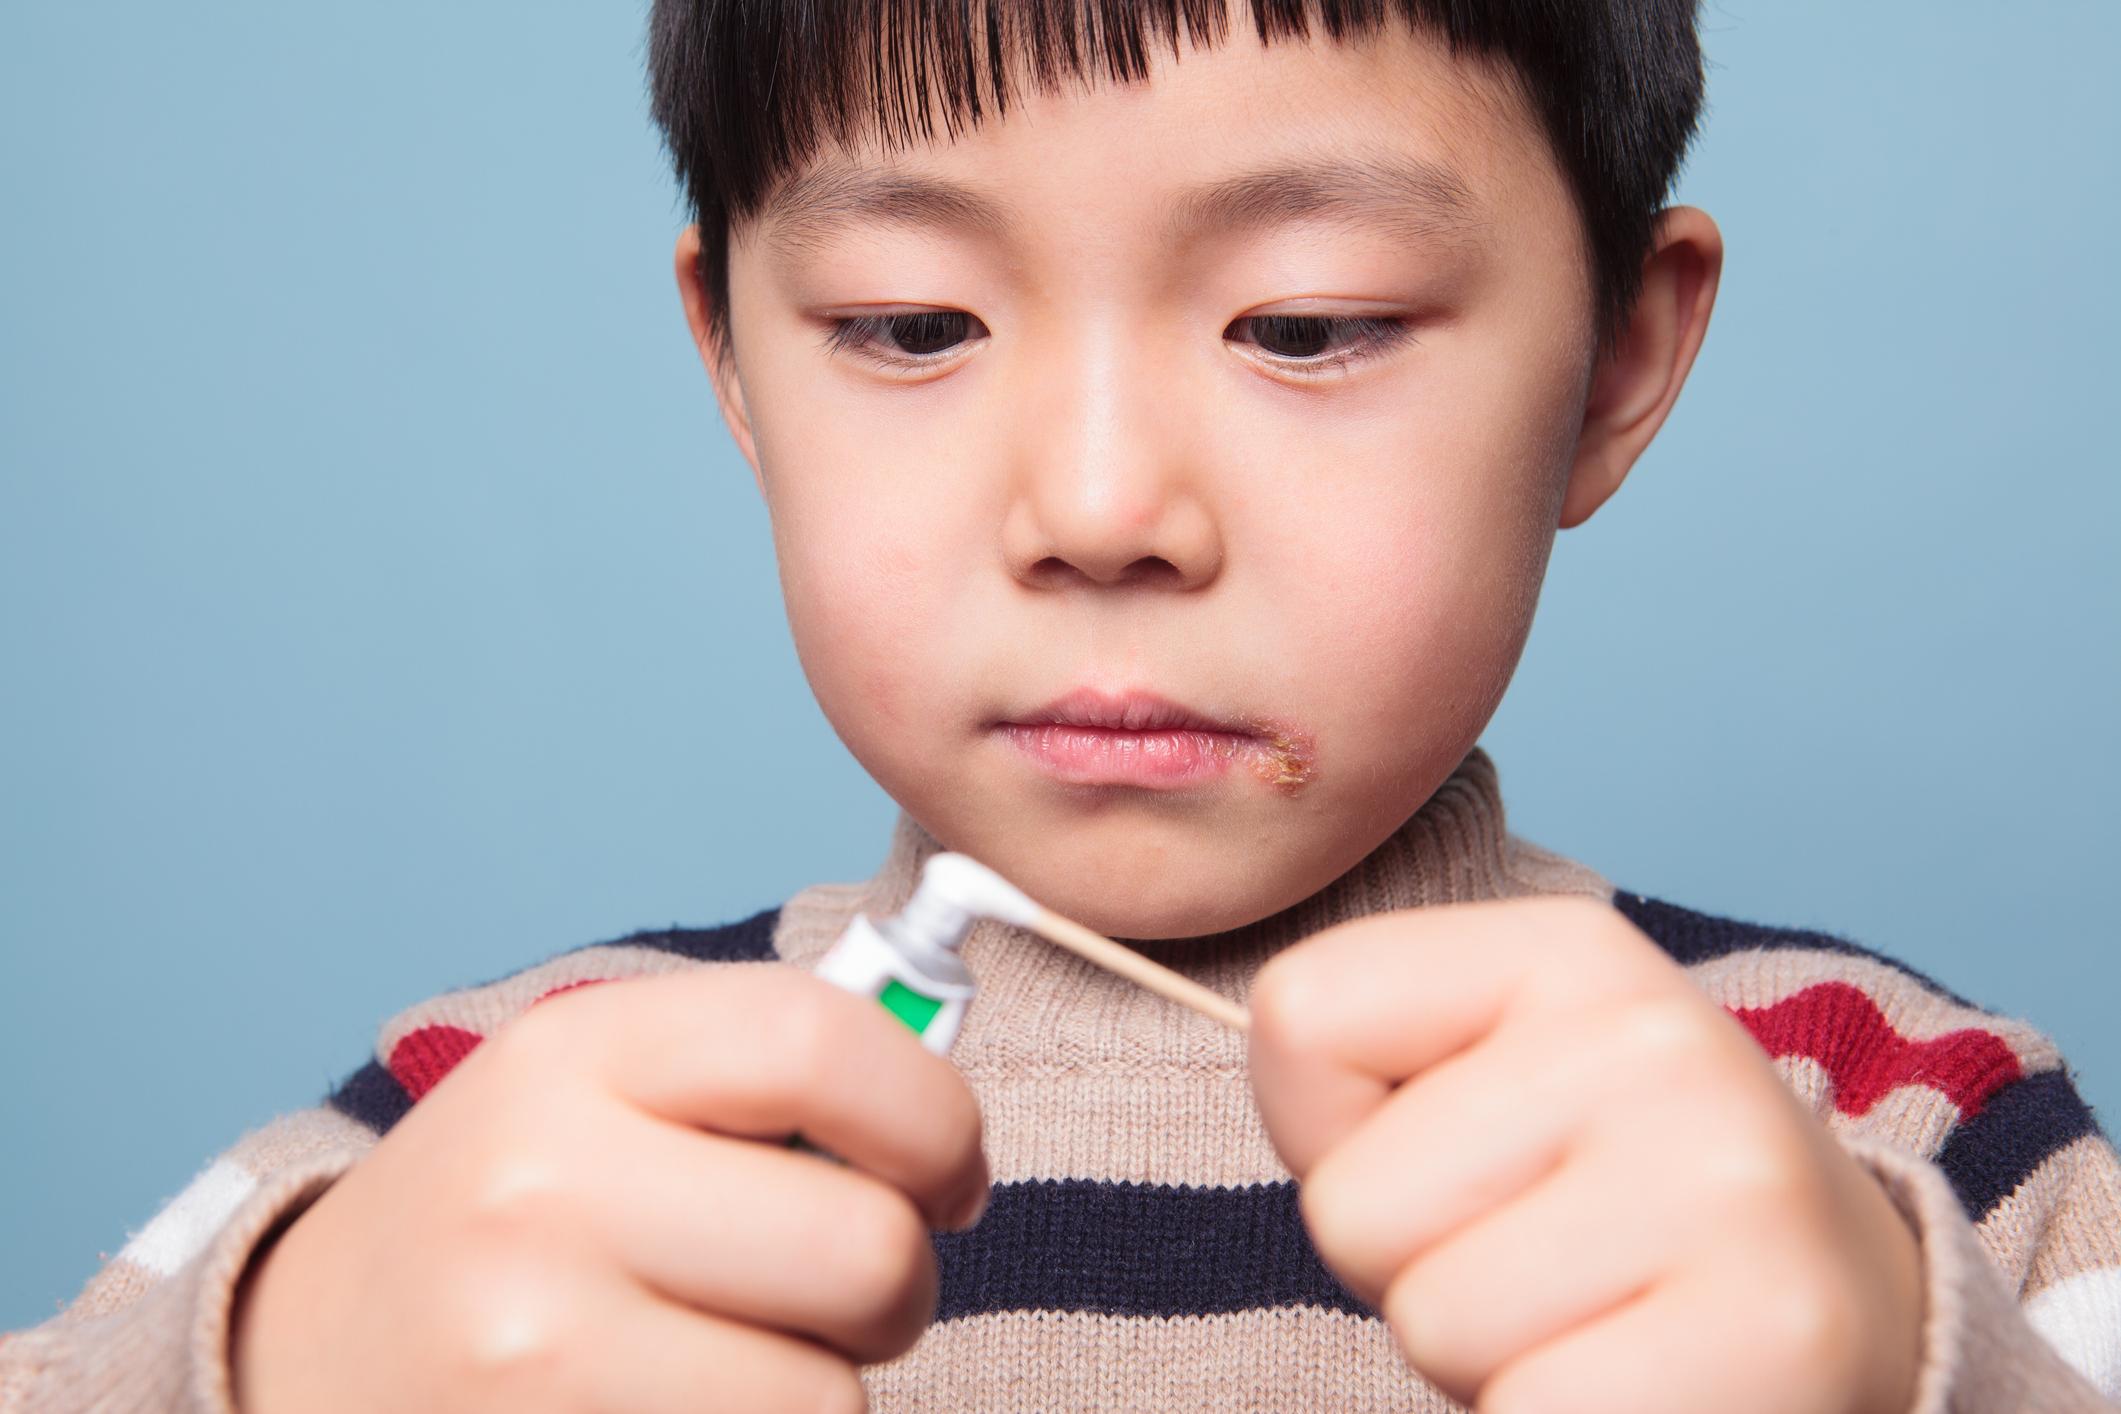 Херпеси<br /> Херпеси на устните могат да издават недостиг на витамин B12. Той се съдържа в животински продукти като червено месо, кокоше месо, яйца, а също и в соевото мляко, пълнозърнестите закуски и маята. Въпреки това също като всички други симптоми, изредени в галерията, причинителят може да бъде и друг, затова ако симптомите не изчезват, въпреки че приемате достатъчно витамини, консултирайте се с лекар.